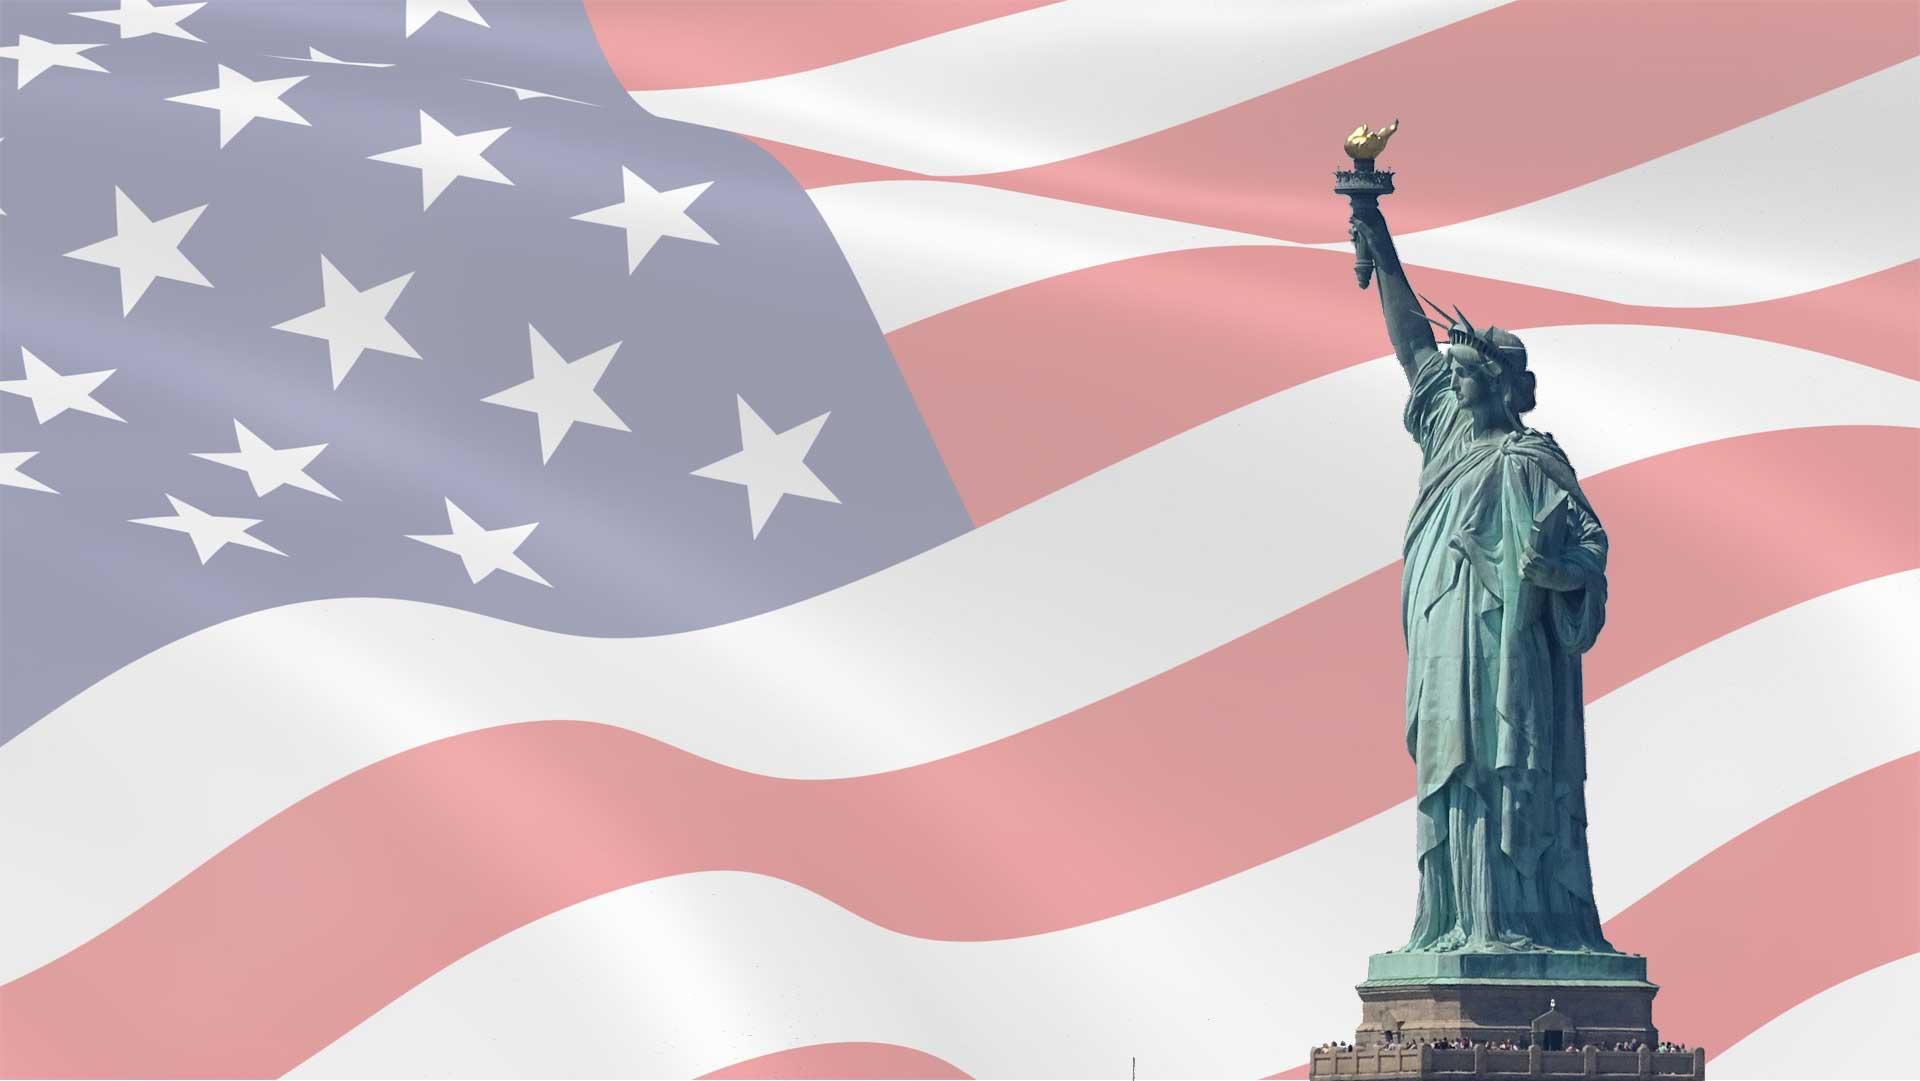 Statue of Liberty - Copyright: Xzelenz Media